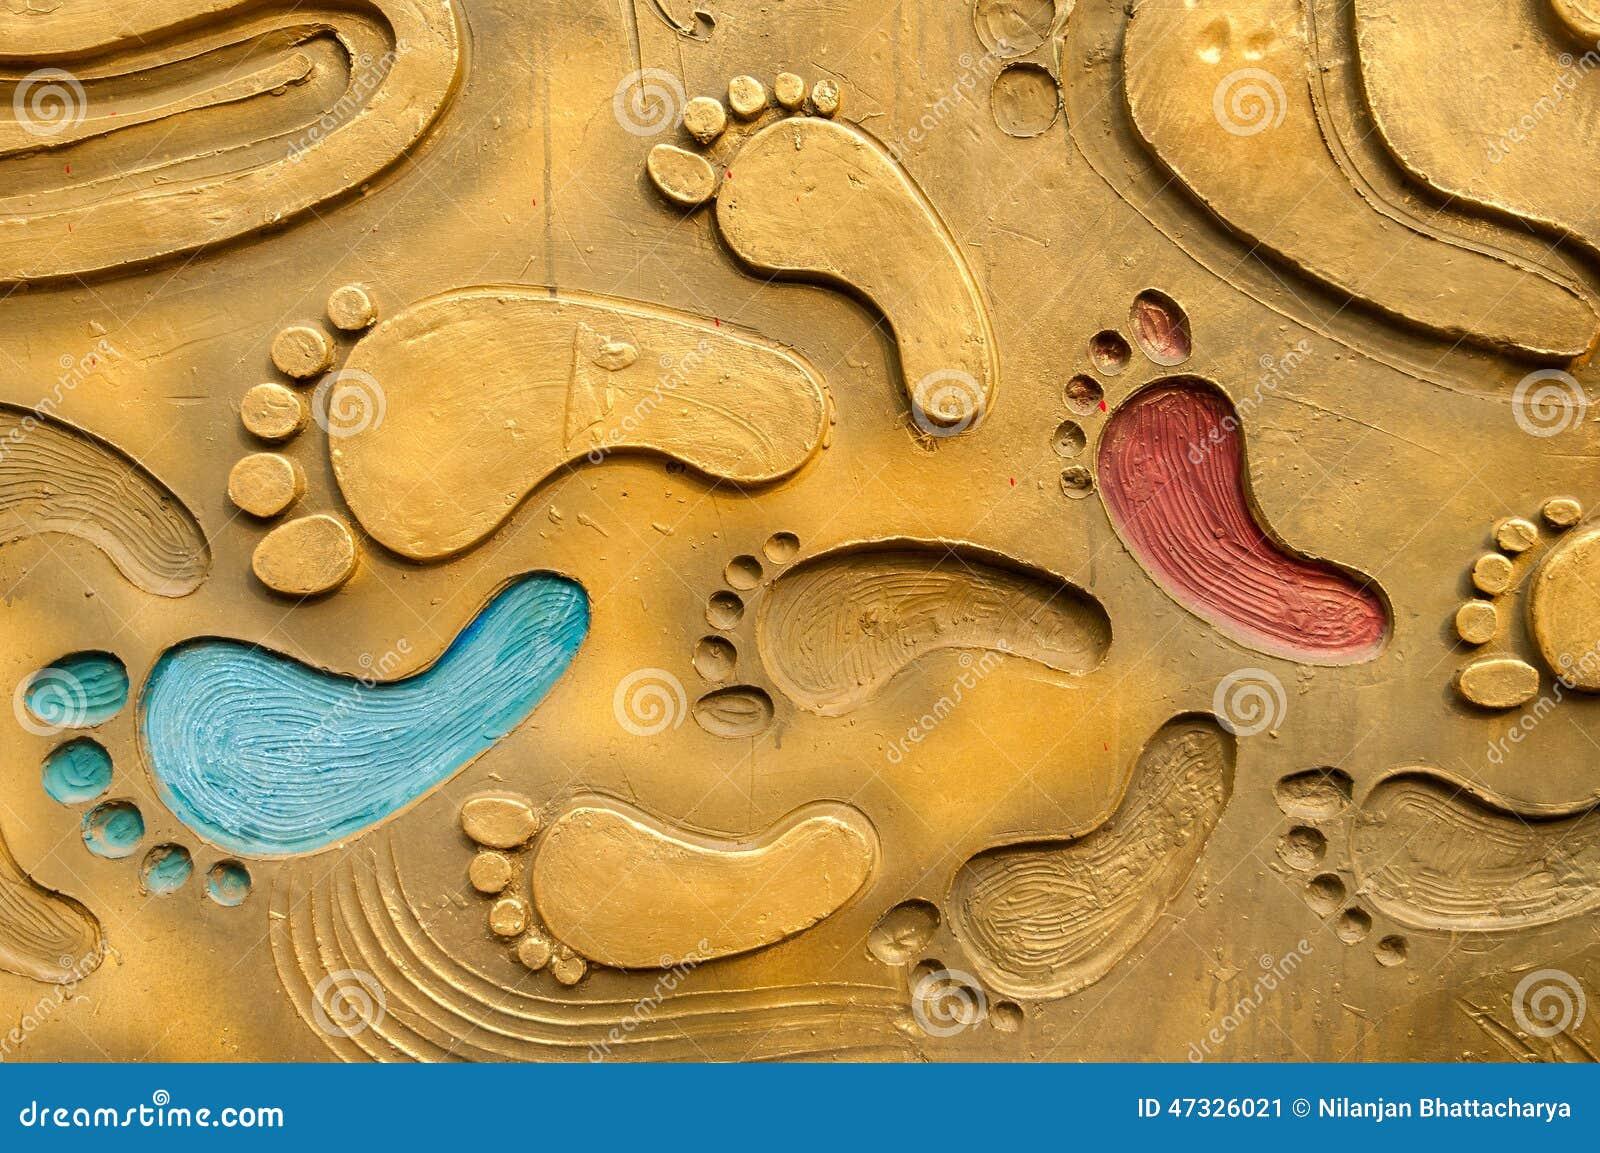 Footprints on metal